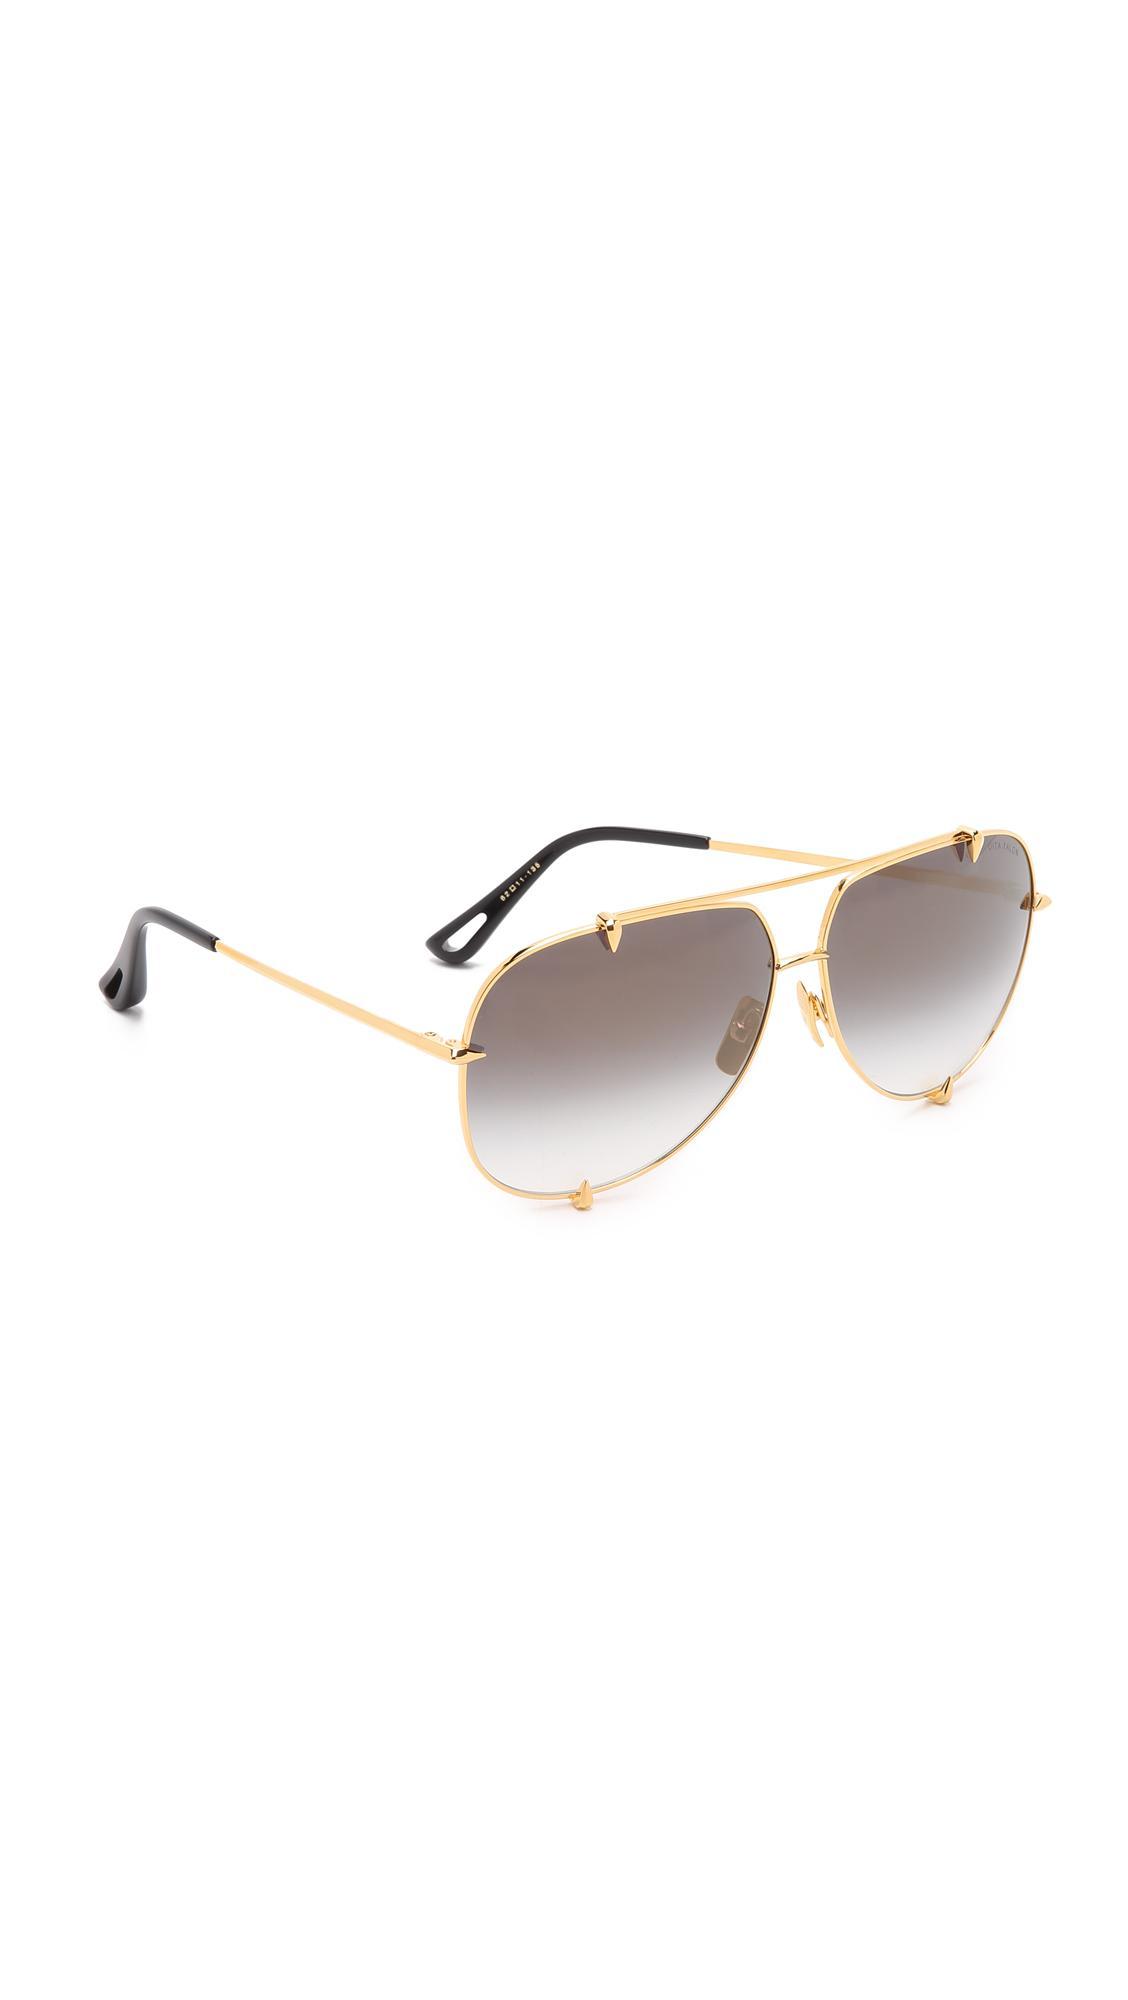 9df4e2df259 Lyst - DITA Talon Sunglasses in Metallic